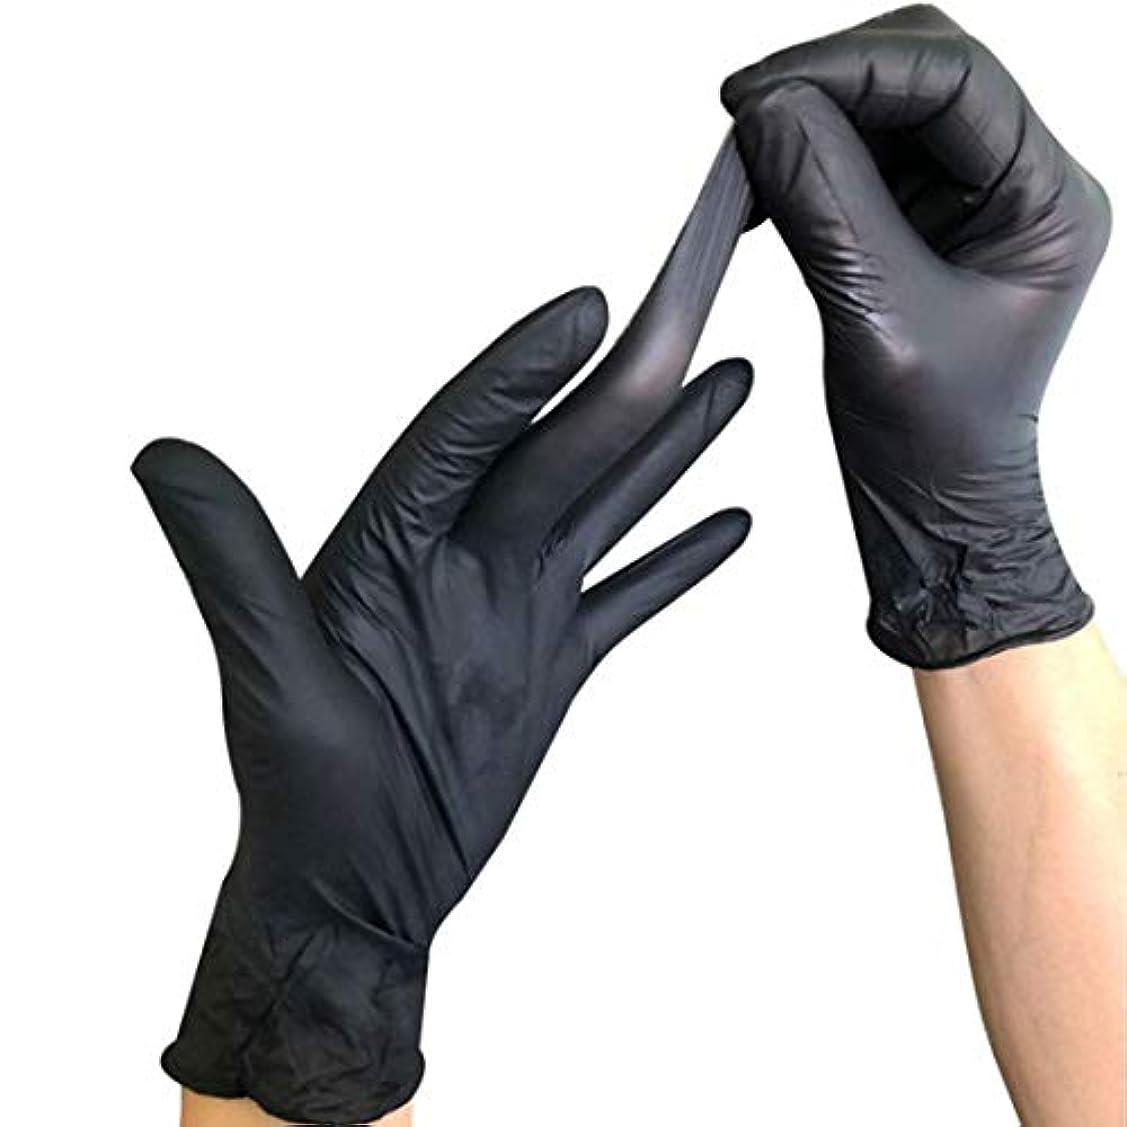 ボンドモチーフ構造使い捨て手袋 ニトリル手袋 厚手防水 耐油 耐久性が強い上に軽く高品質黒 100枚